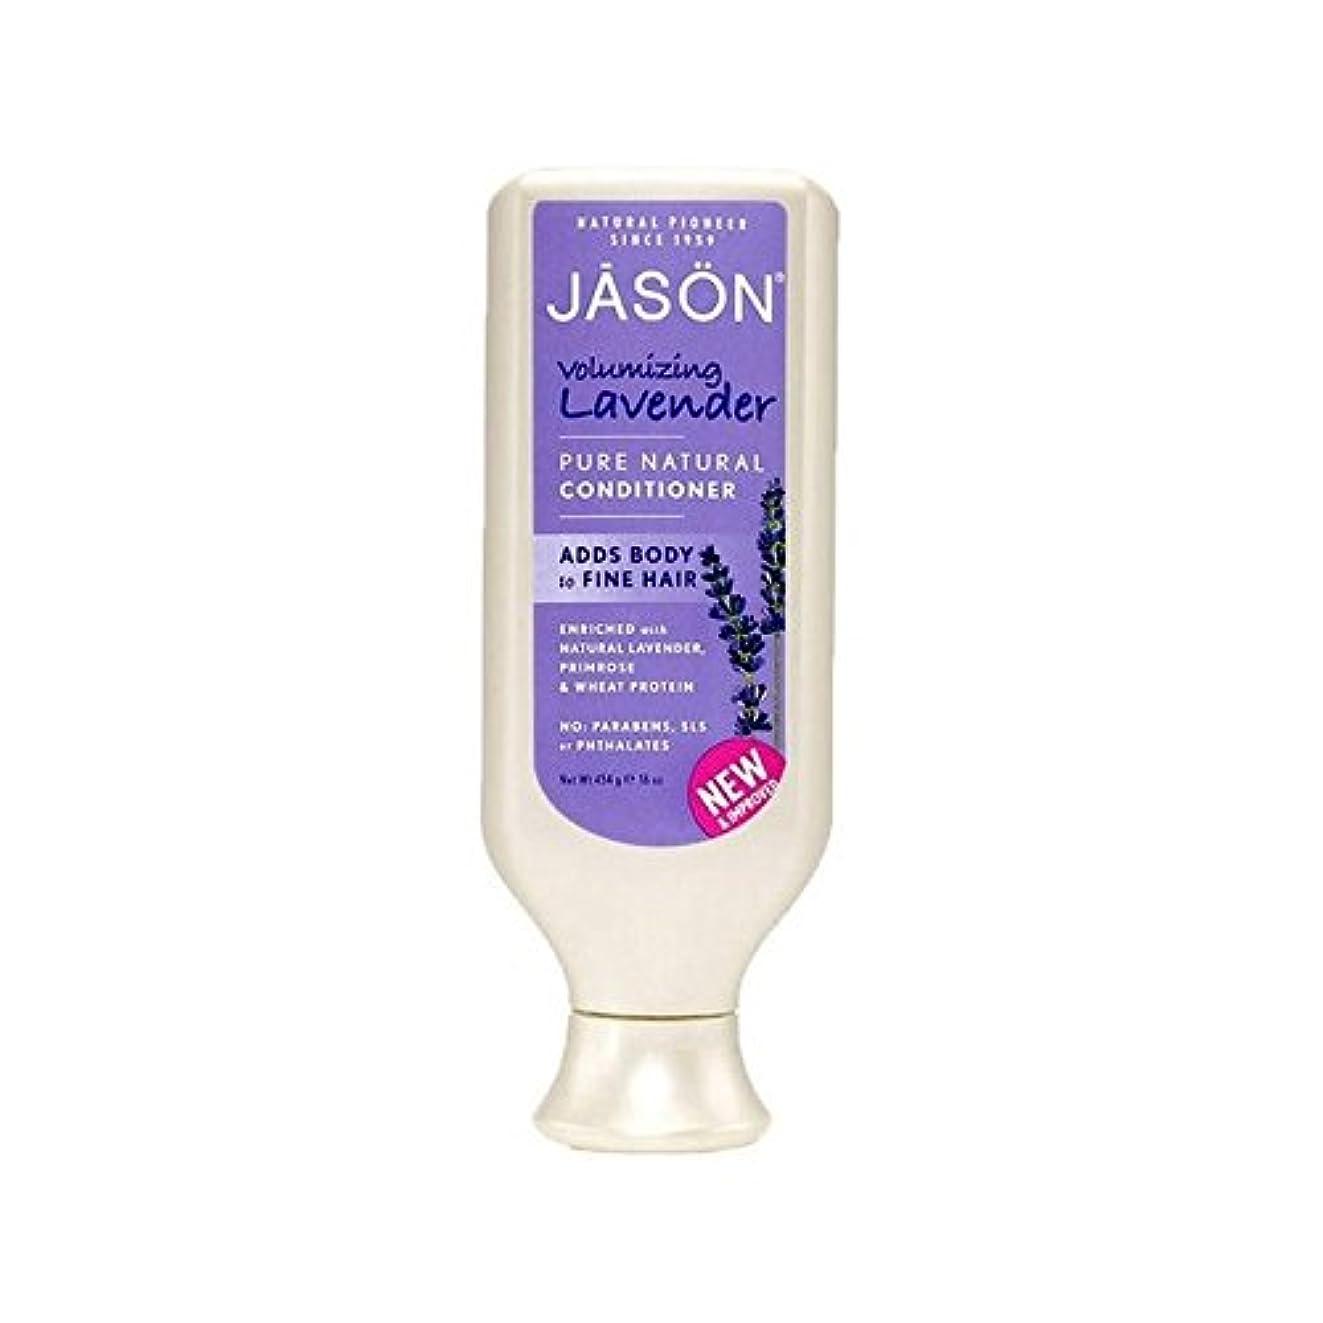 振る準備エゴマニアジェイソン自然ラベンダーコンディショナー(454グラム) x4 - Jason Natural Lavender Conditioner (454G) (Pack of 4) [並行輸入品]